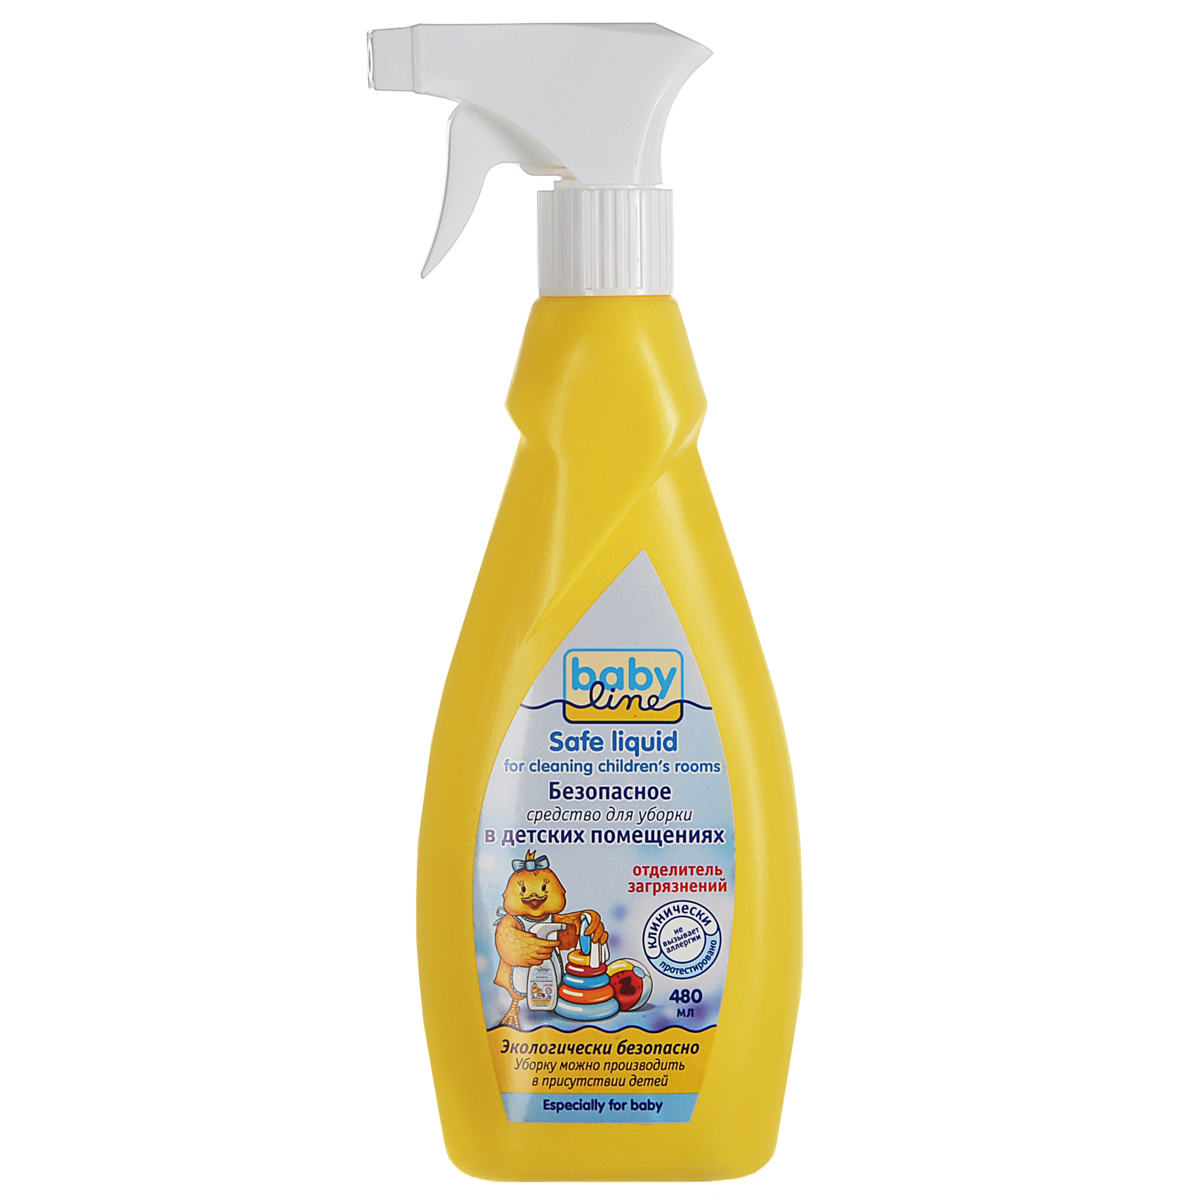 BabyLine Безопасное средство для уборки детских помещений, 480 мл68/5/1Эффективное чистяще-моющее средство BabyLine предназначено для уборки в помещениях, где находятся дети и, особенно, аллергики. Эффективно удаляет органические загрязнения от молока, фруктовых и овощных пюре, соков, а также мочи, кала, следы от фломастера, карандаша, наклеек, скотча и другую грязь. Подходит для чистки предметов из любых материалов: дерева, кожи, кожзаменителя, тканей, пластика, линолеума и пр. Не имеет цвета и запаха. Не раздражает кожные покровы и дыхательные пути. Не содержит спирта, хлора, диоксидов. Продукт биоразлагаем, не наносит вреда окружающей среде. Характеристики:Объем: 480 мл. Артикул: 18273255. Изготовитель: Бельгия. Товар сертифицирован.